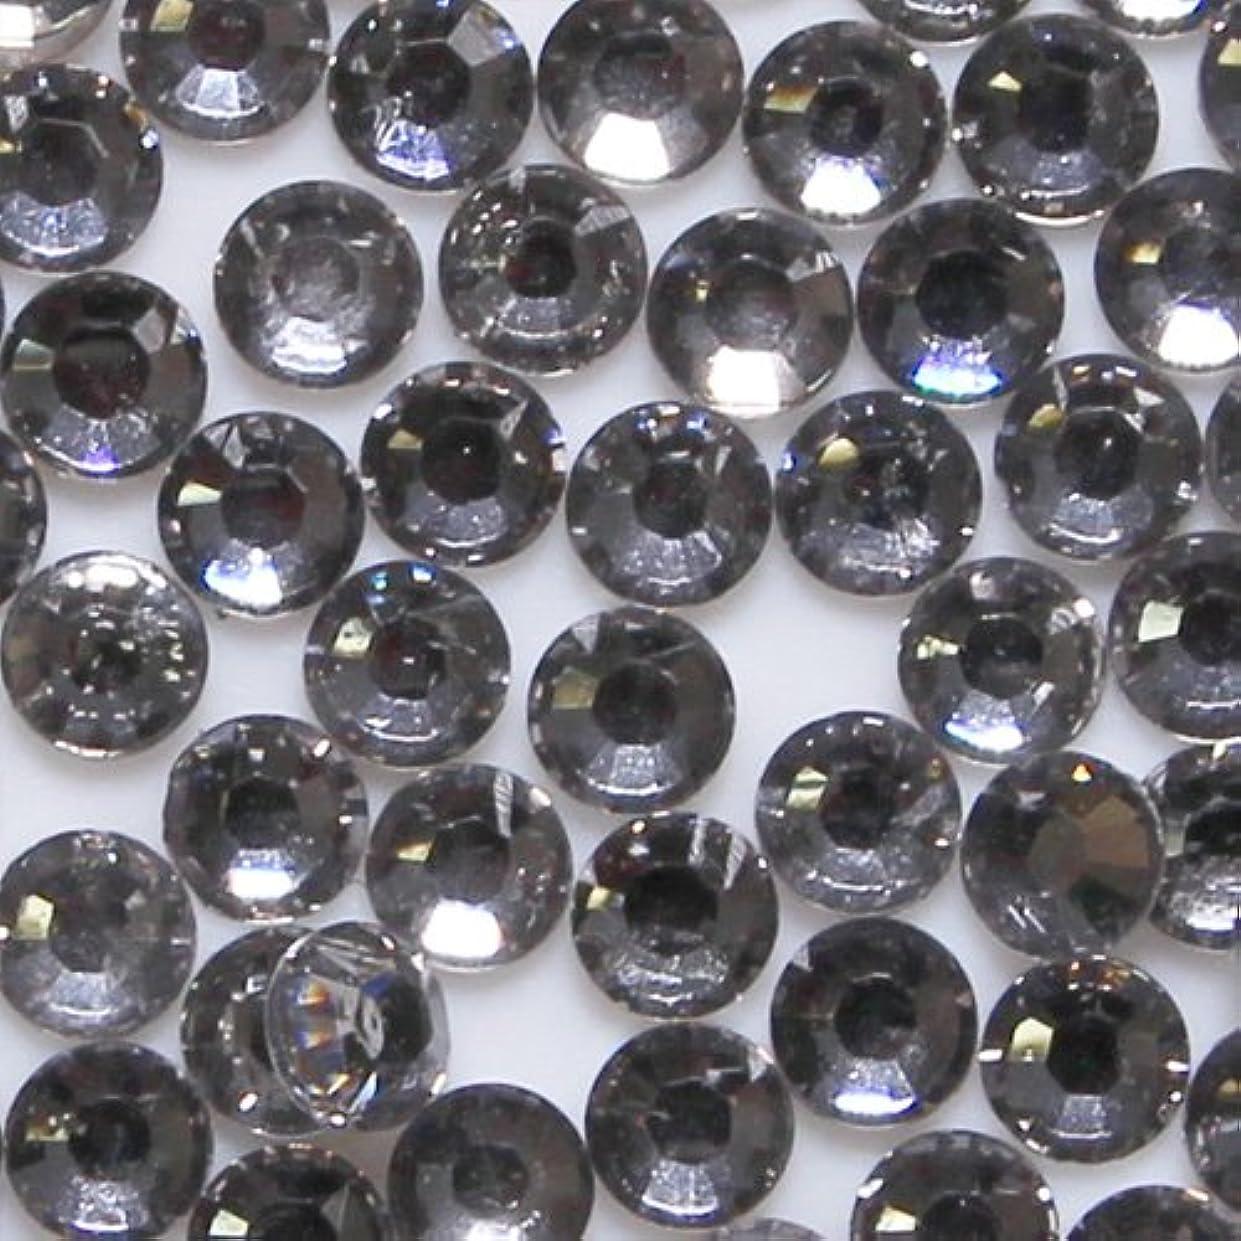 ロボット不愉快息苦しい高品質 アクリルストーン ラインストーン ラウンドフラット 約1000粒入り 3mm ブラックダイヤモンド